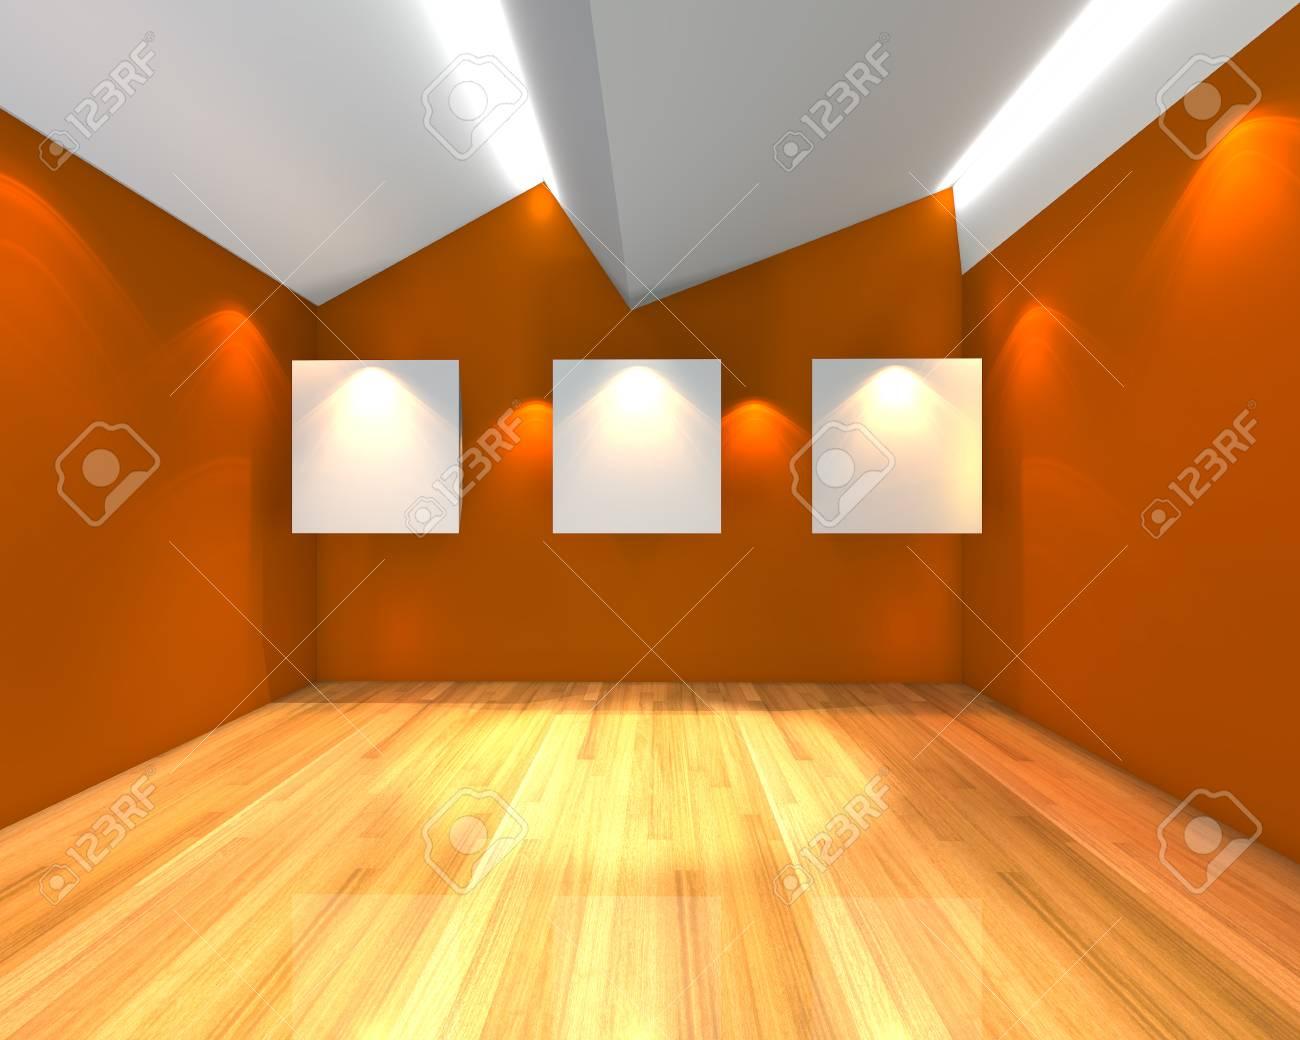 Intérieur de la chambre à vide avec une toile blanche sur le mur orange  dans la galerie